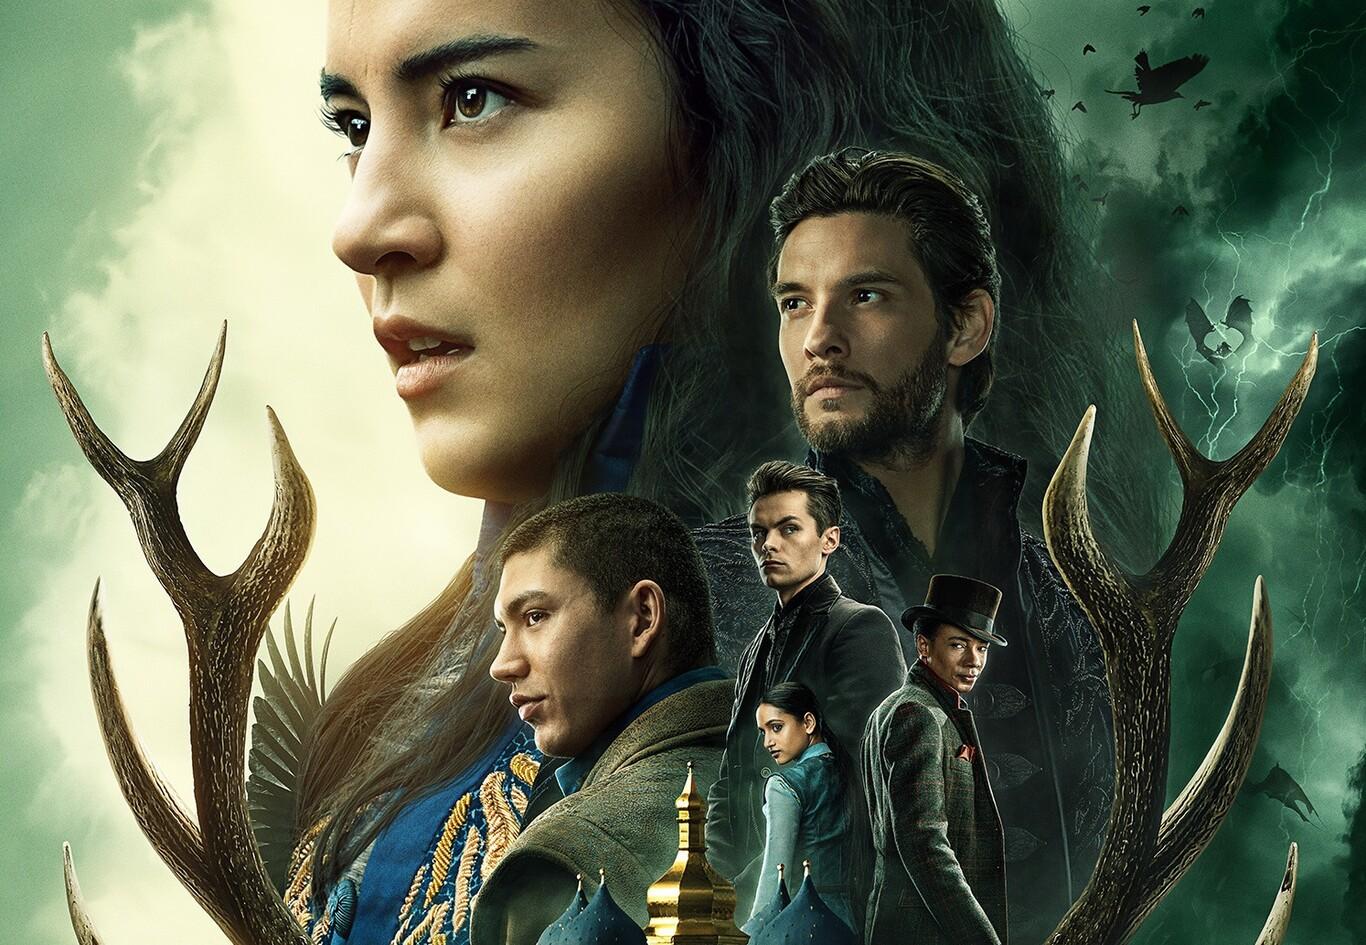 Sombra y hueso (2021) crítica: la nueva serie de fantasía épica de Netflix  va de menos a más pero se queda por detrás de 'The Witcher'